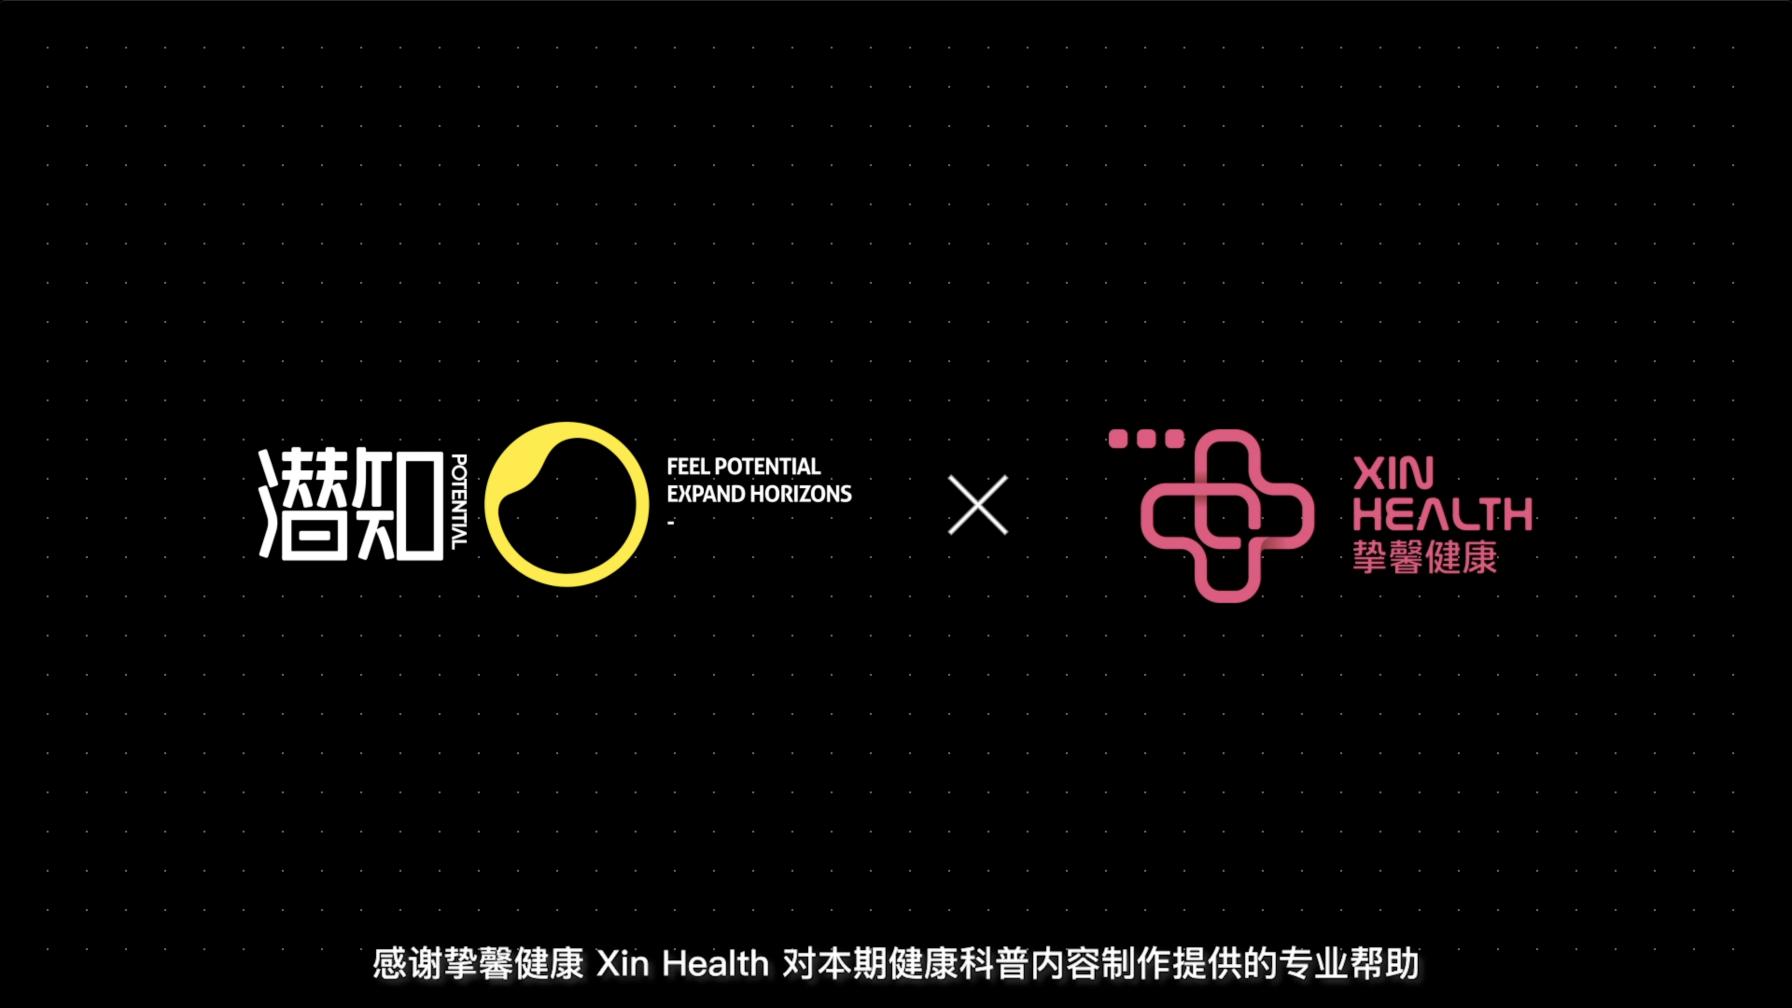 感谢挚馨健康 Xin Health 对本期健康科普内容制作提供的专业帮助。